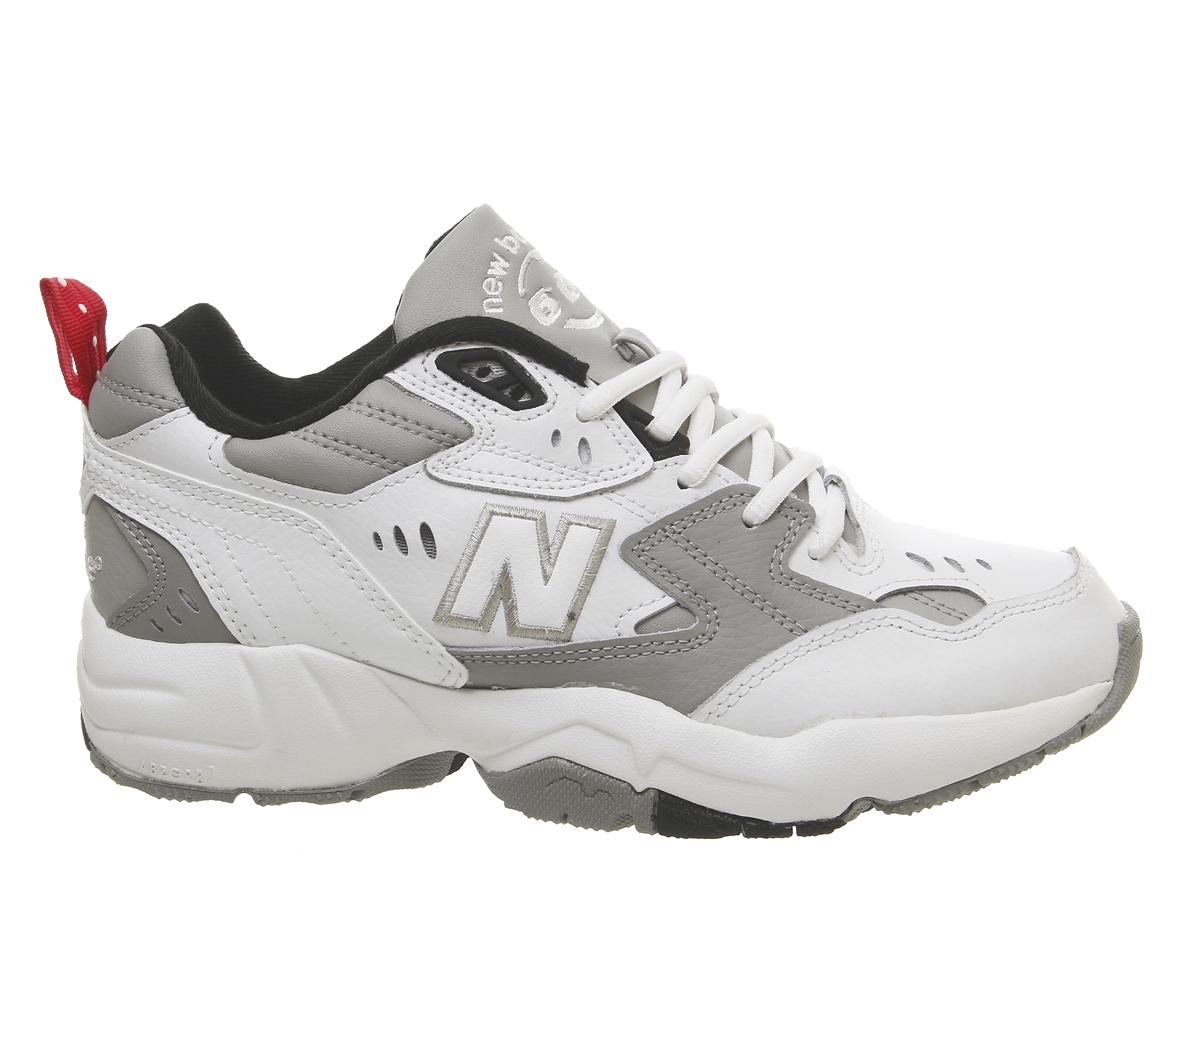 40a33673ae SENTINEL Womens nuovo equilibrio 608 formatori dei formatori grigio scarpe  bianco